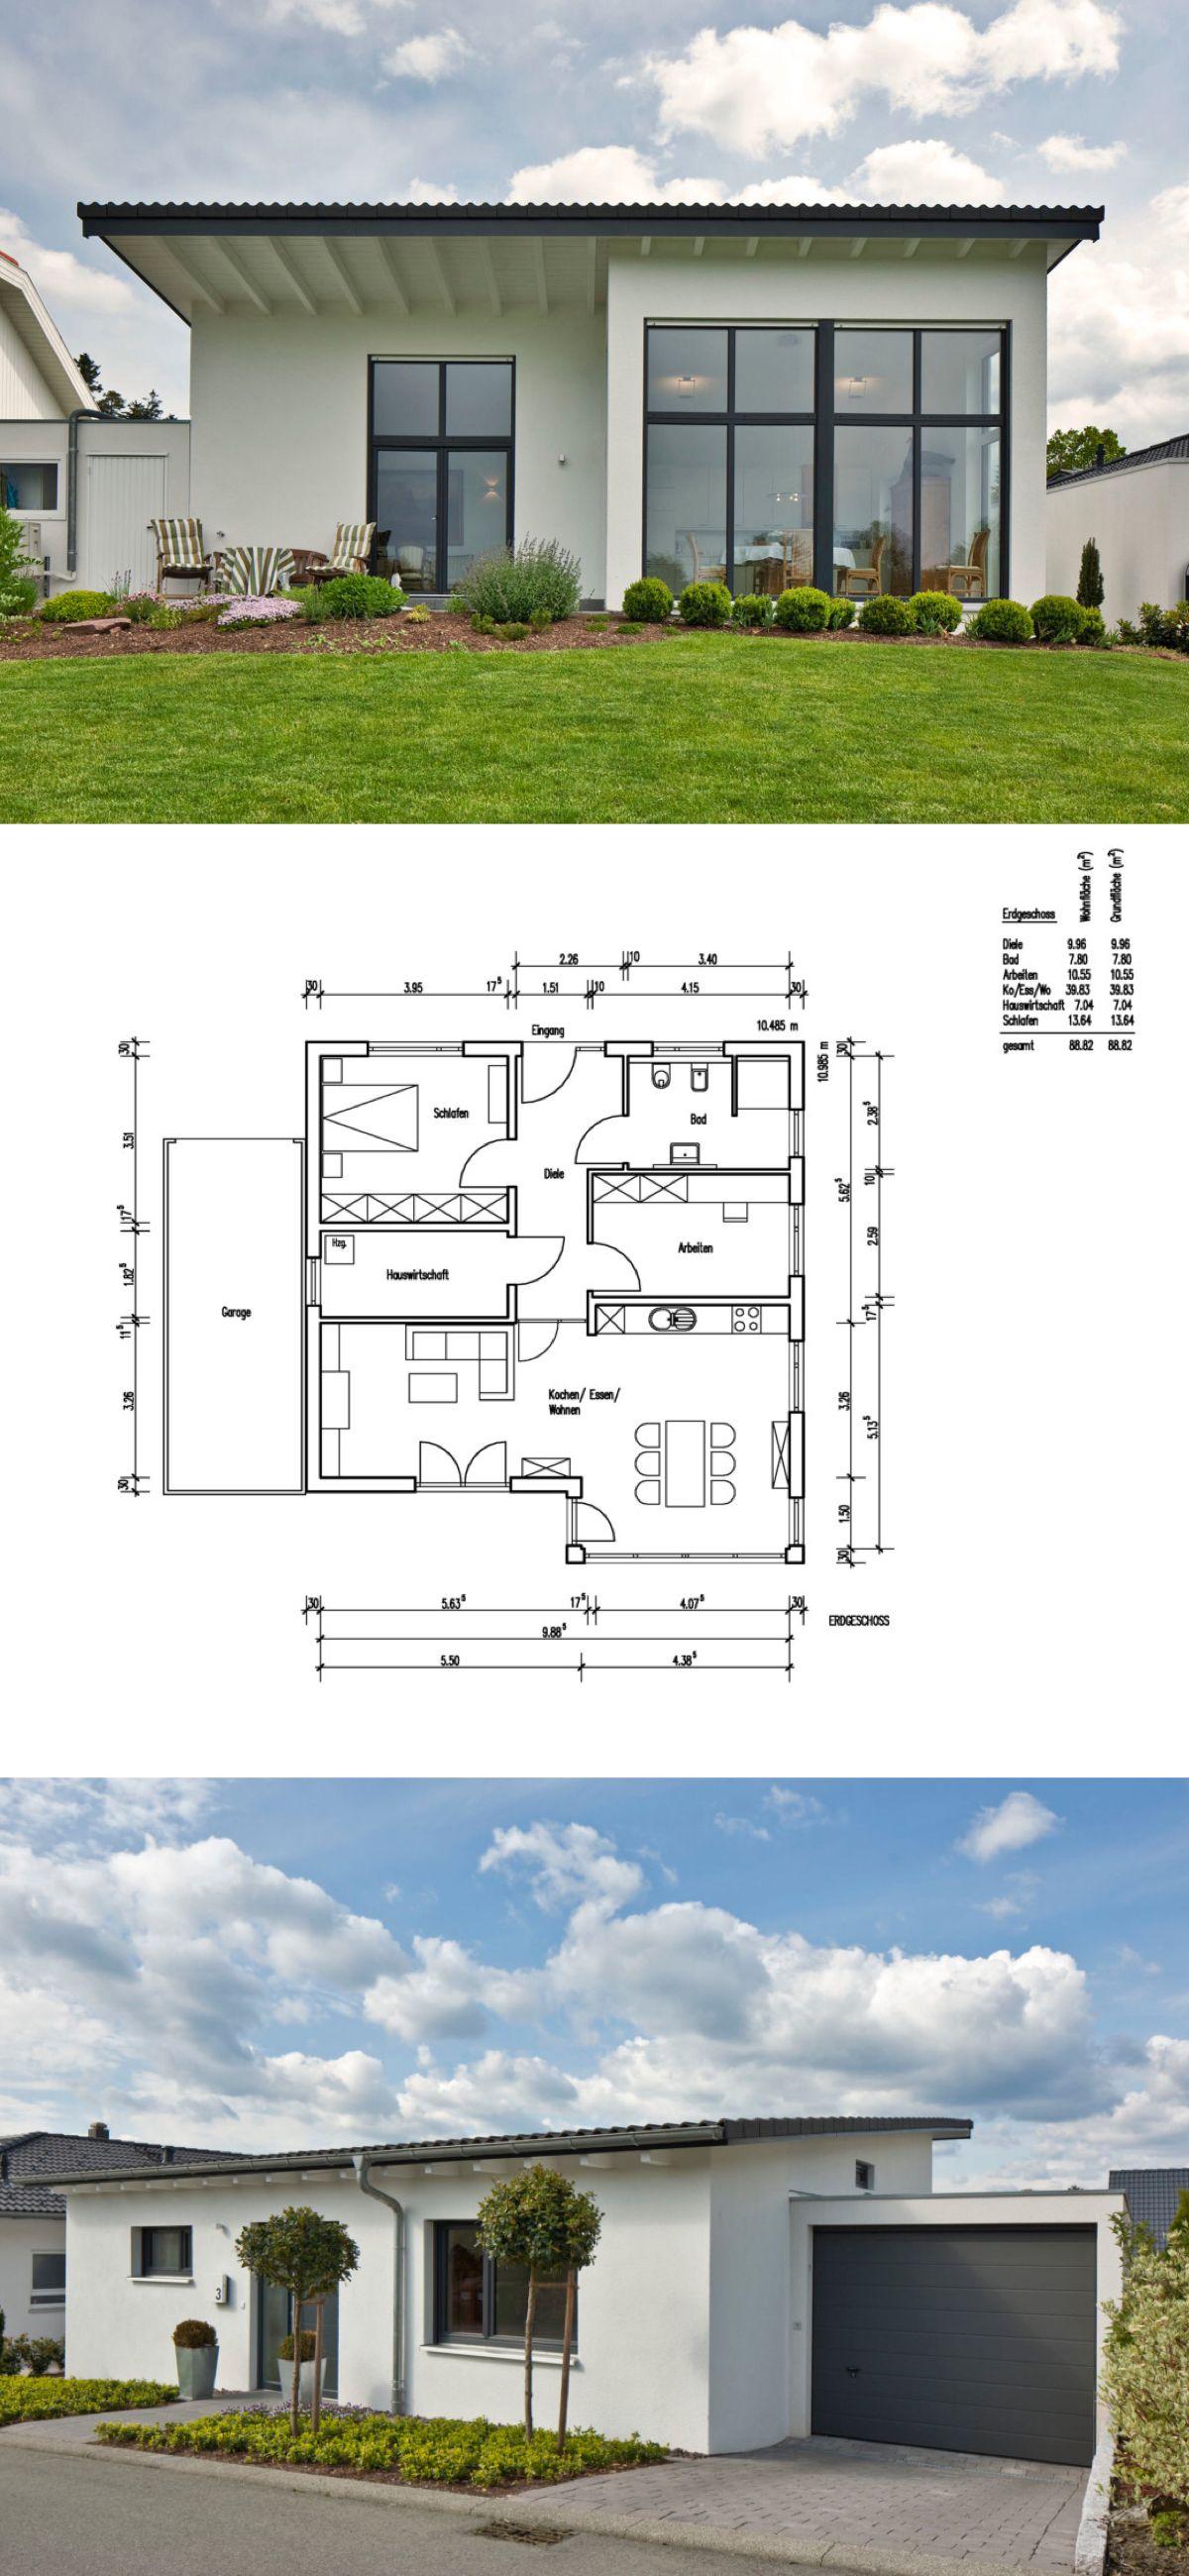 Bevorzugt Bungalow Haus Grundriss mit Garage und Pultdach Architektur PM54